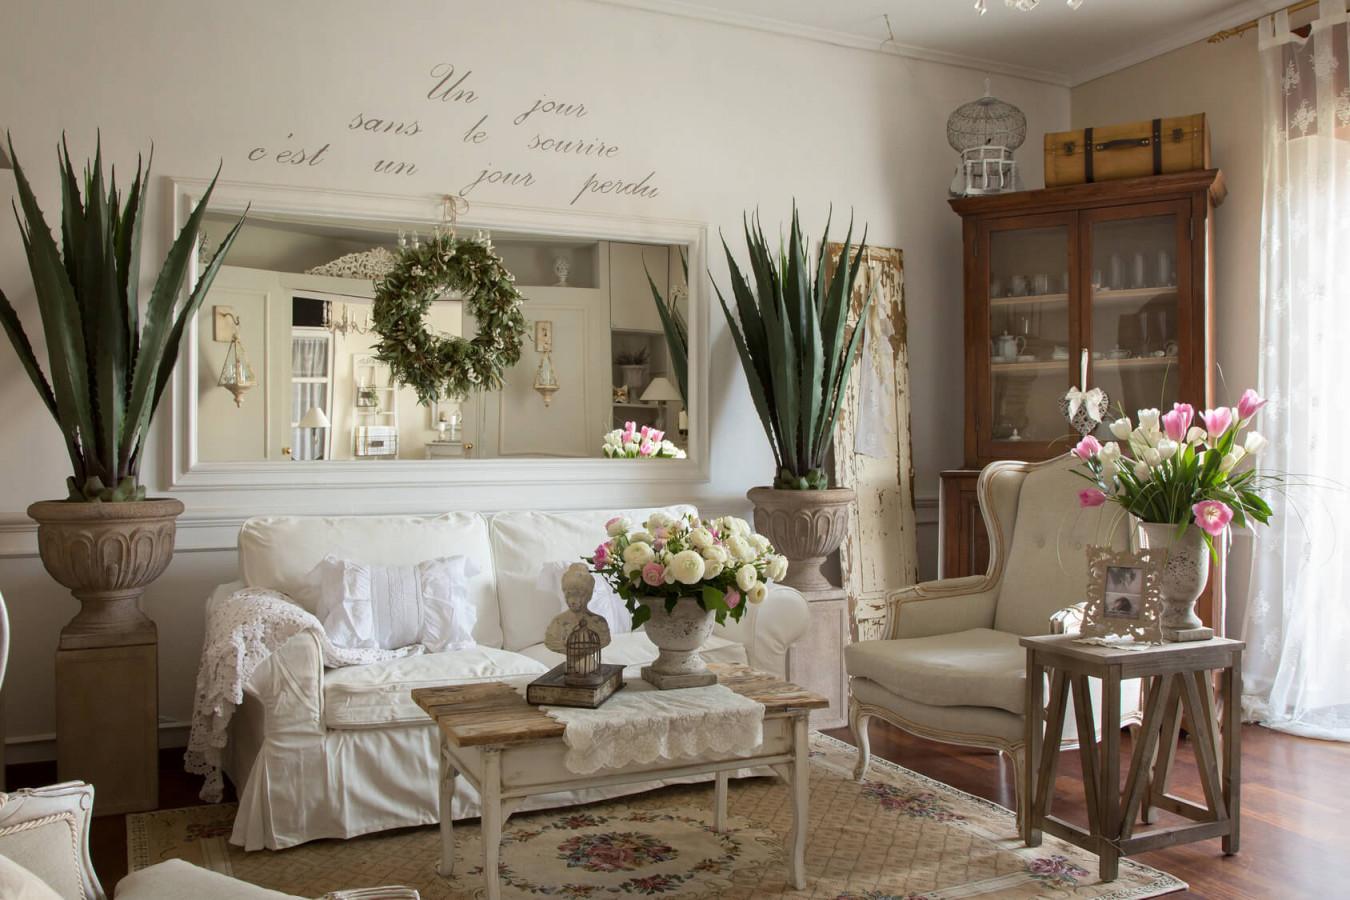 Regionale Angebote Für Wohnzimmer Erhalten  Aroundhome von Wohnzimmer Einrichten Landhausstil Photo